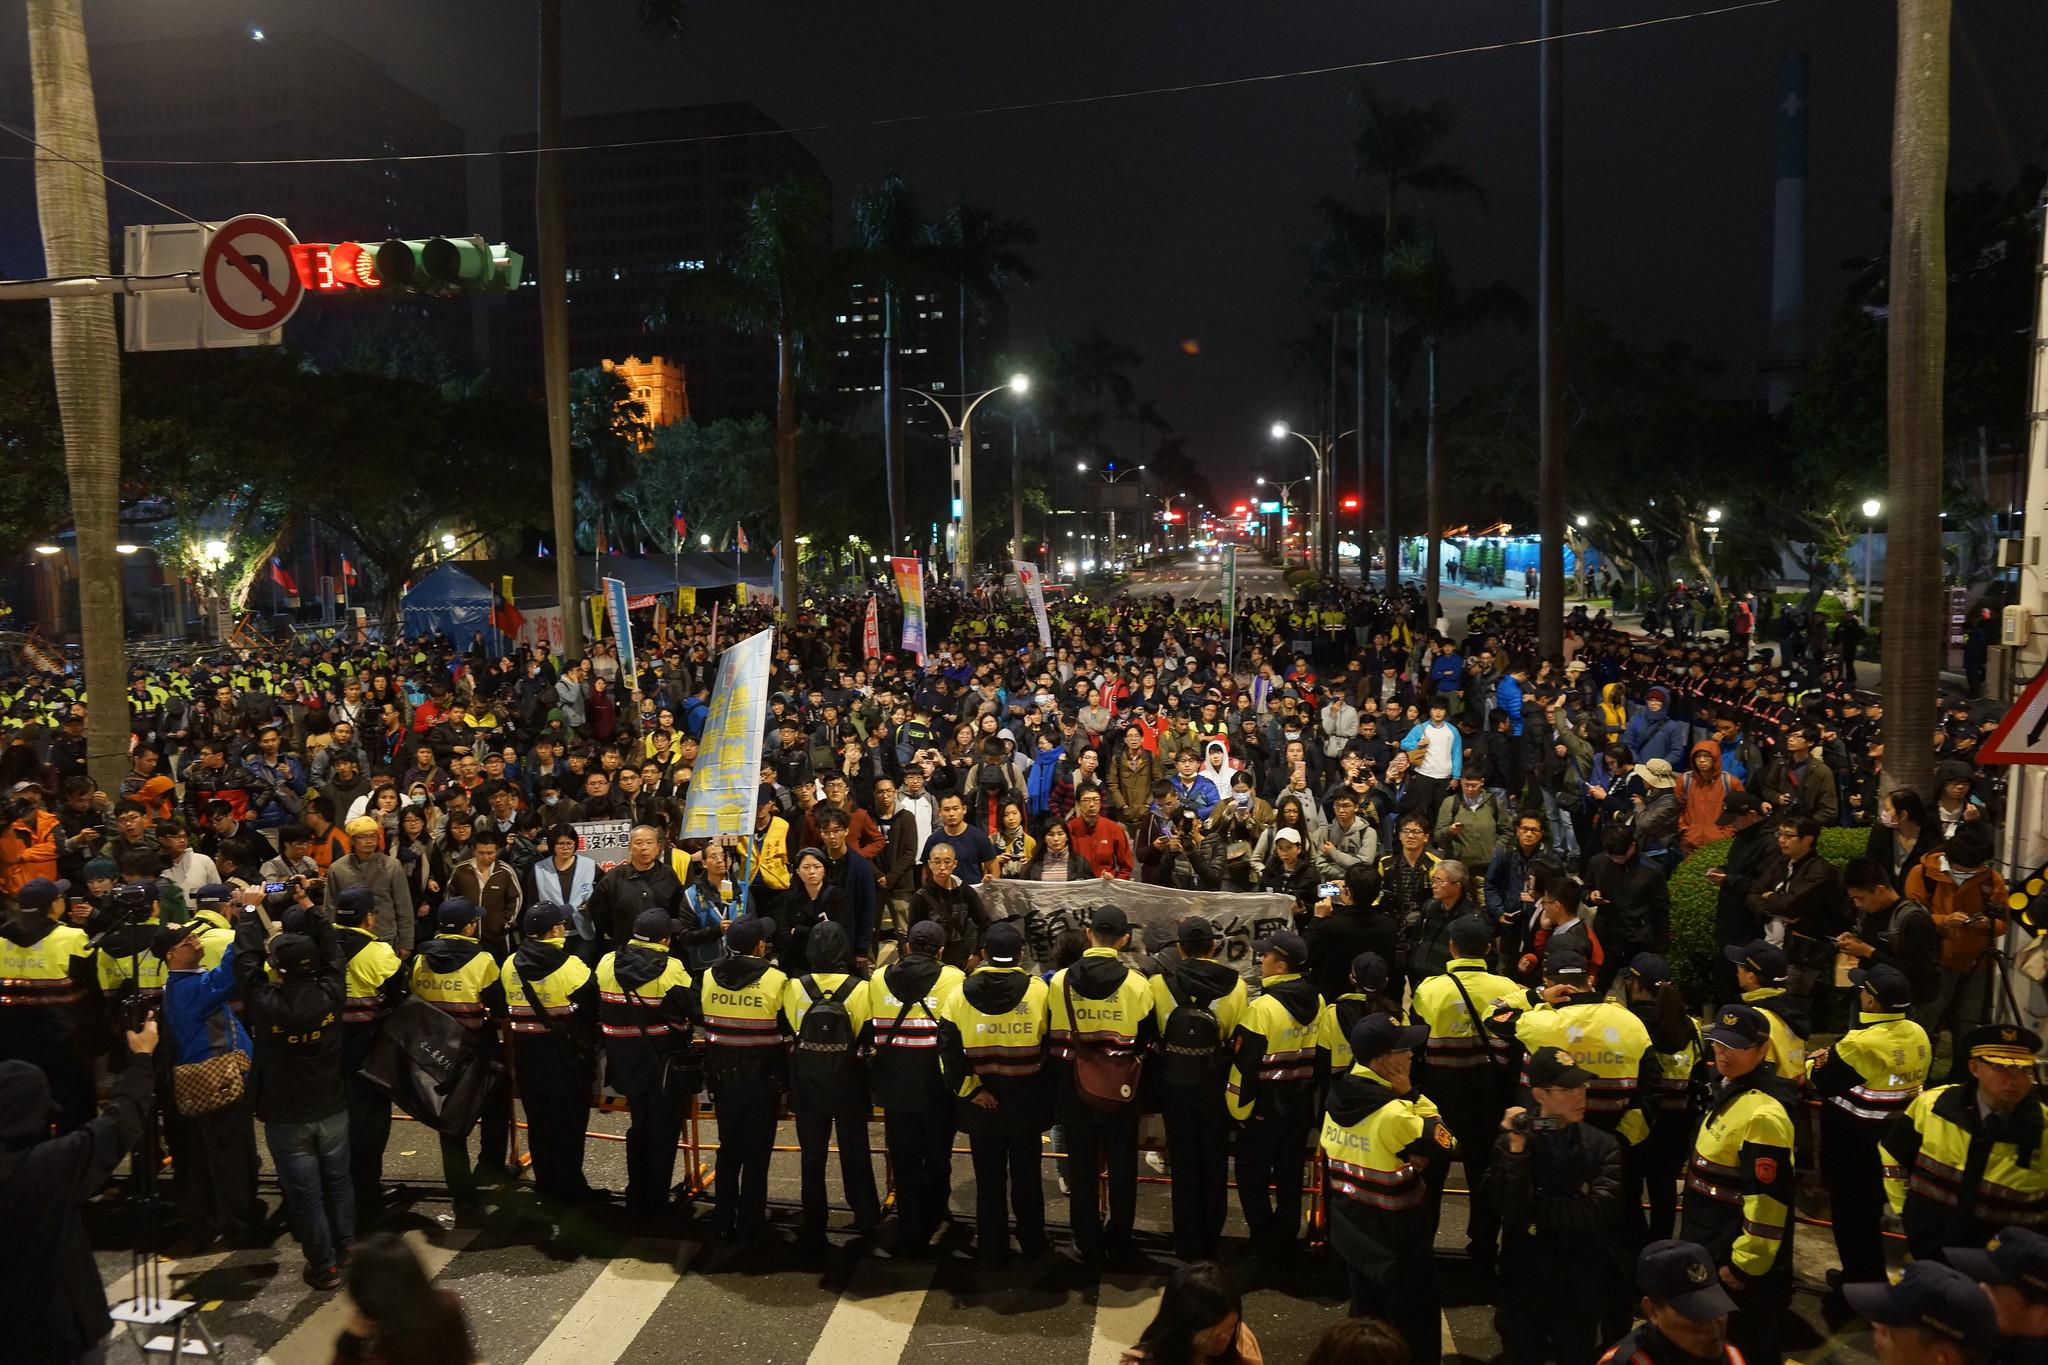 劳团和民众去年底聚集在立法院外抗议,阻挡《劳基法》修正案出委员会。(资料照/摄影:王颢中)